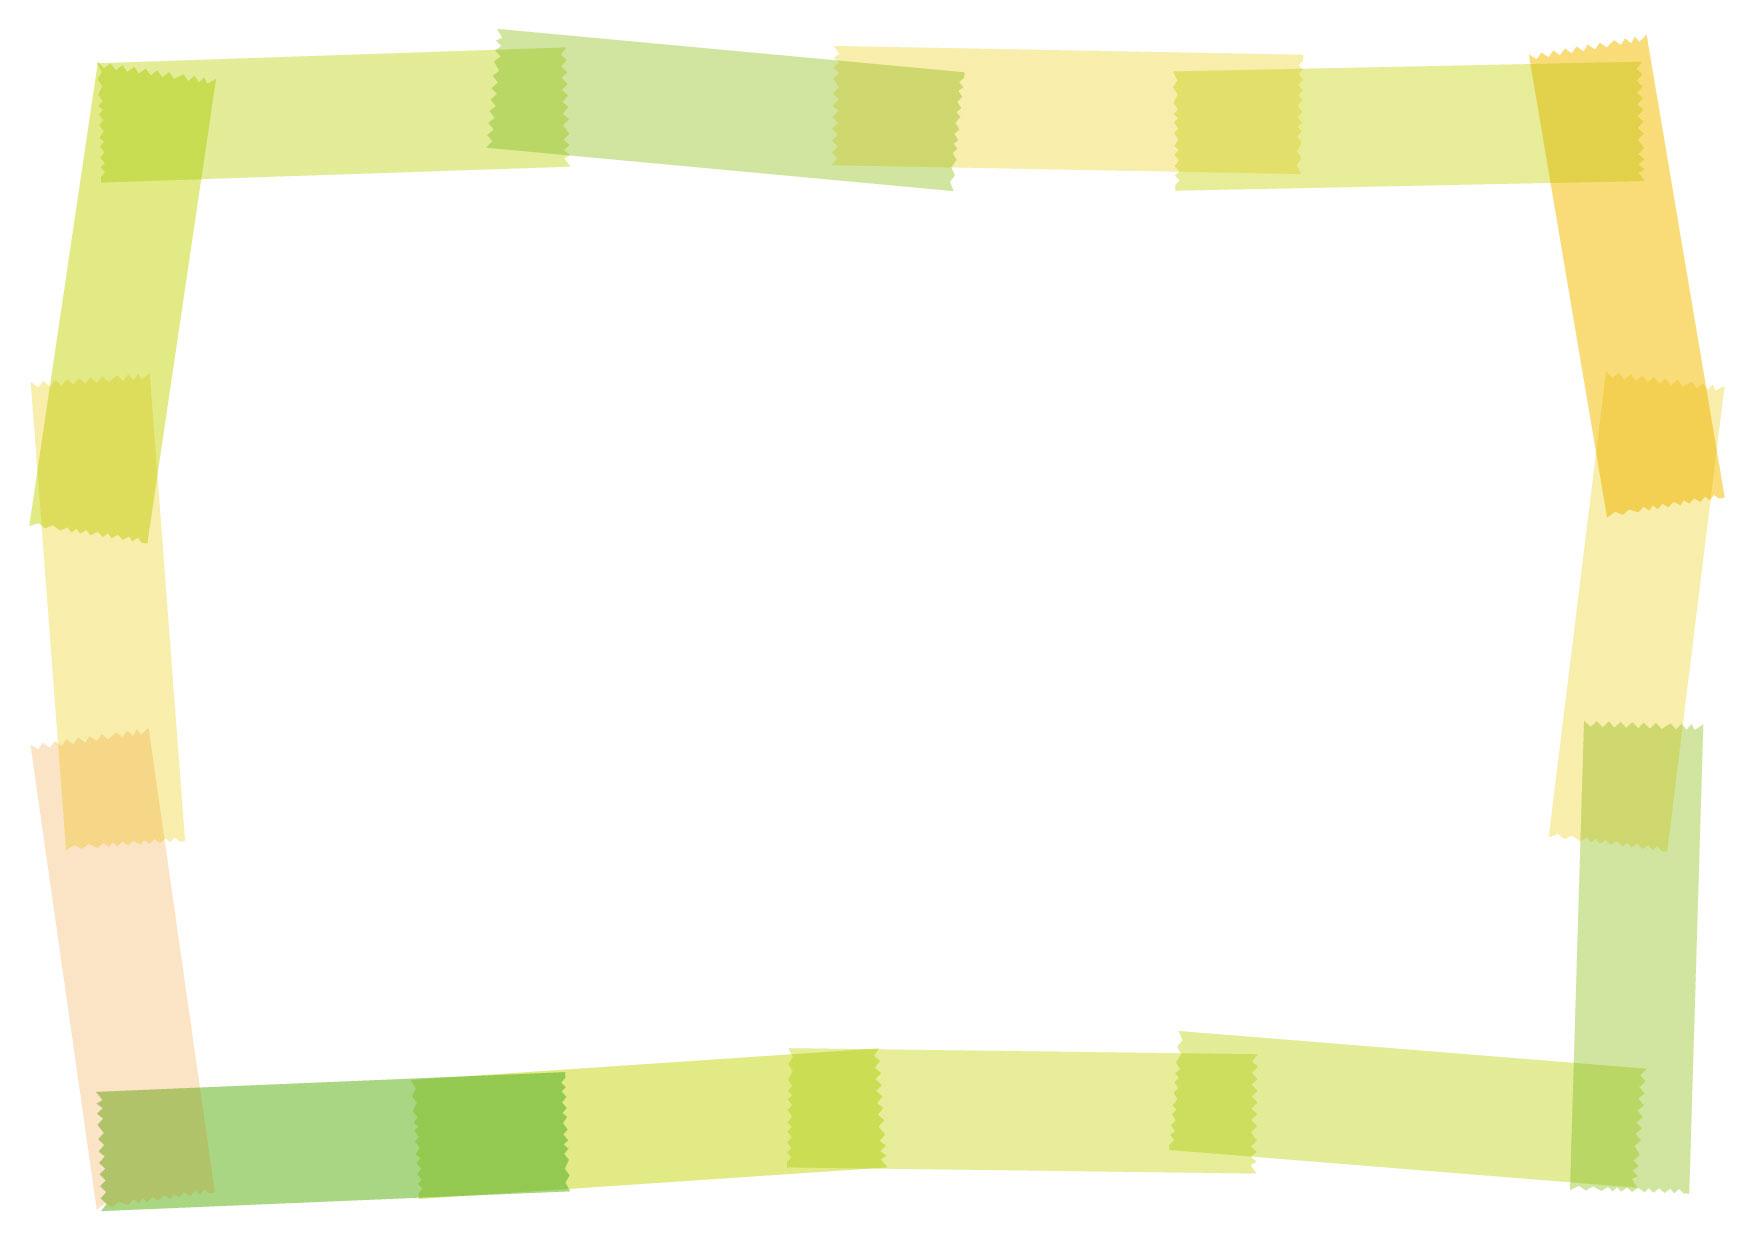 可愛いイラスト無料|マスキングテープ フレーム 黄 − free illustration Masking tape frame yellow